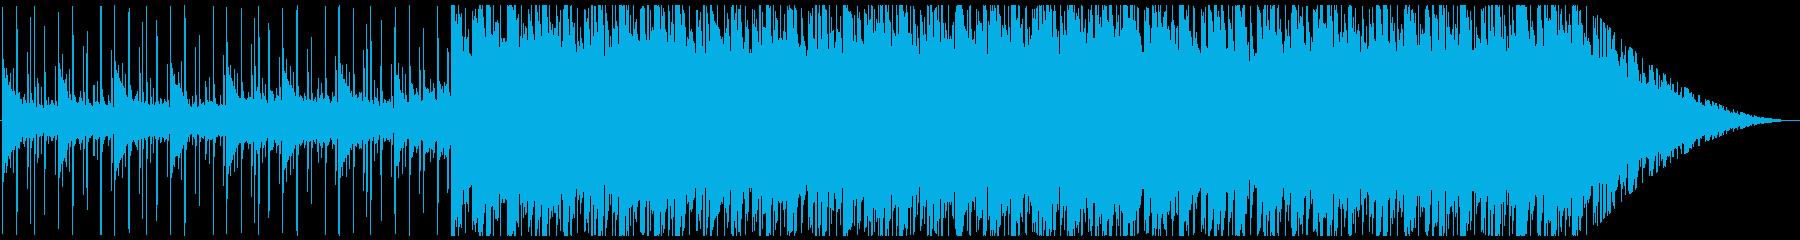 切ないR&B系ピアノバラードの再生済みの波形